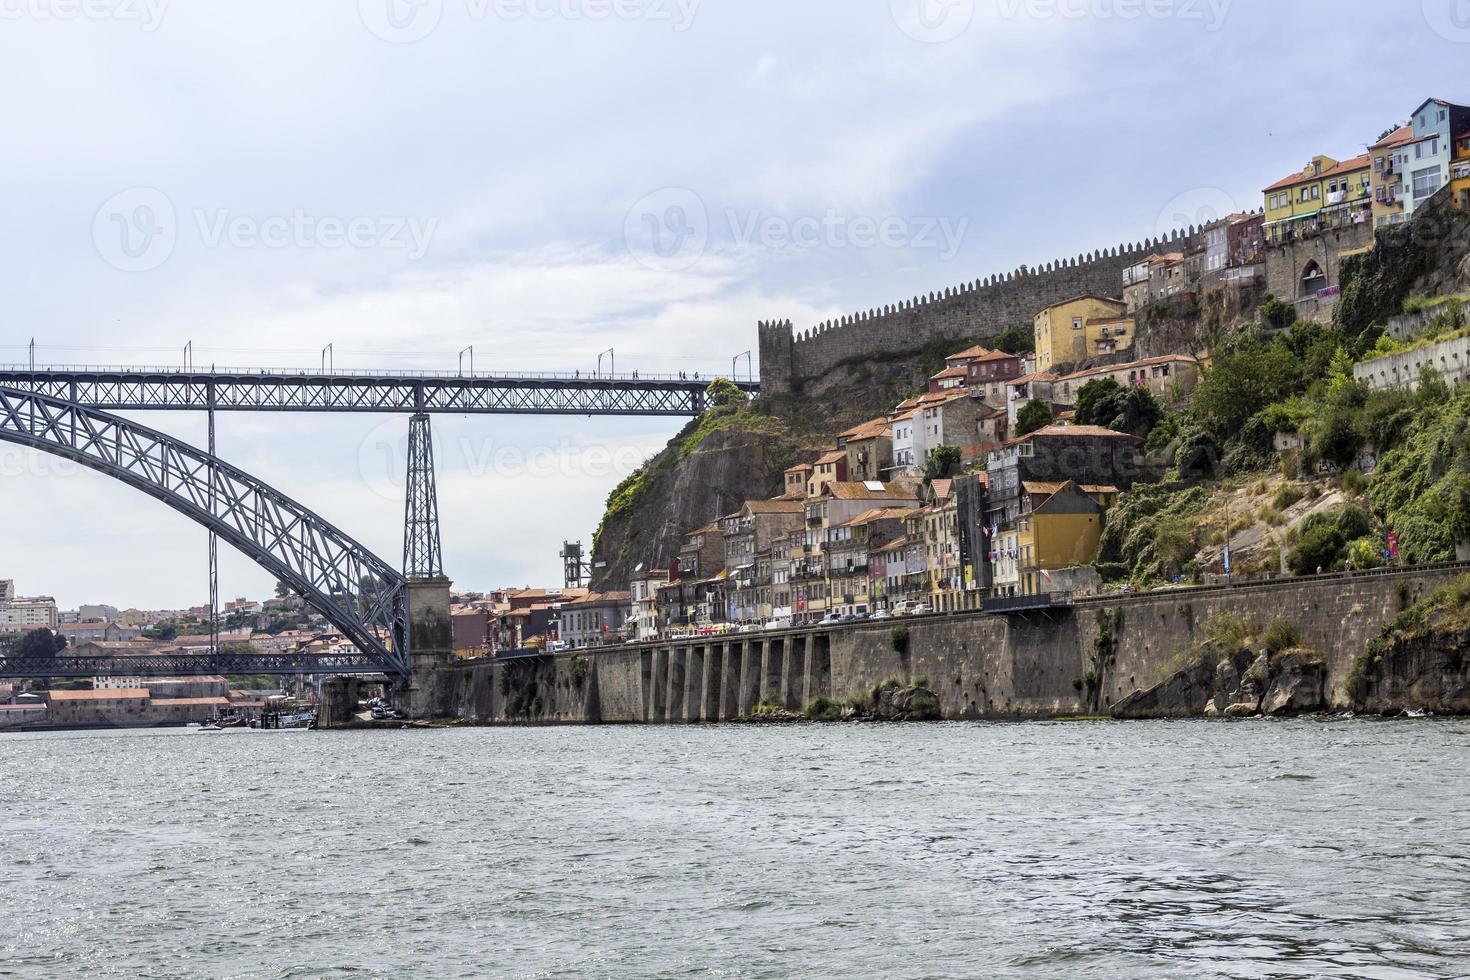 vista da cidade velha e ponte dom luiz, paisagem urbana do porto foto